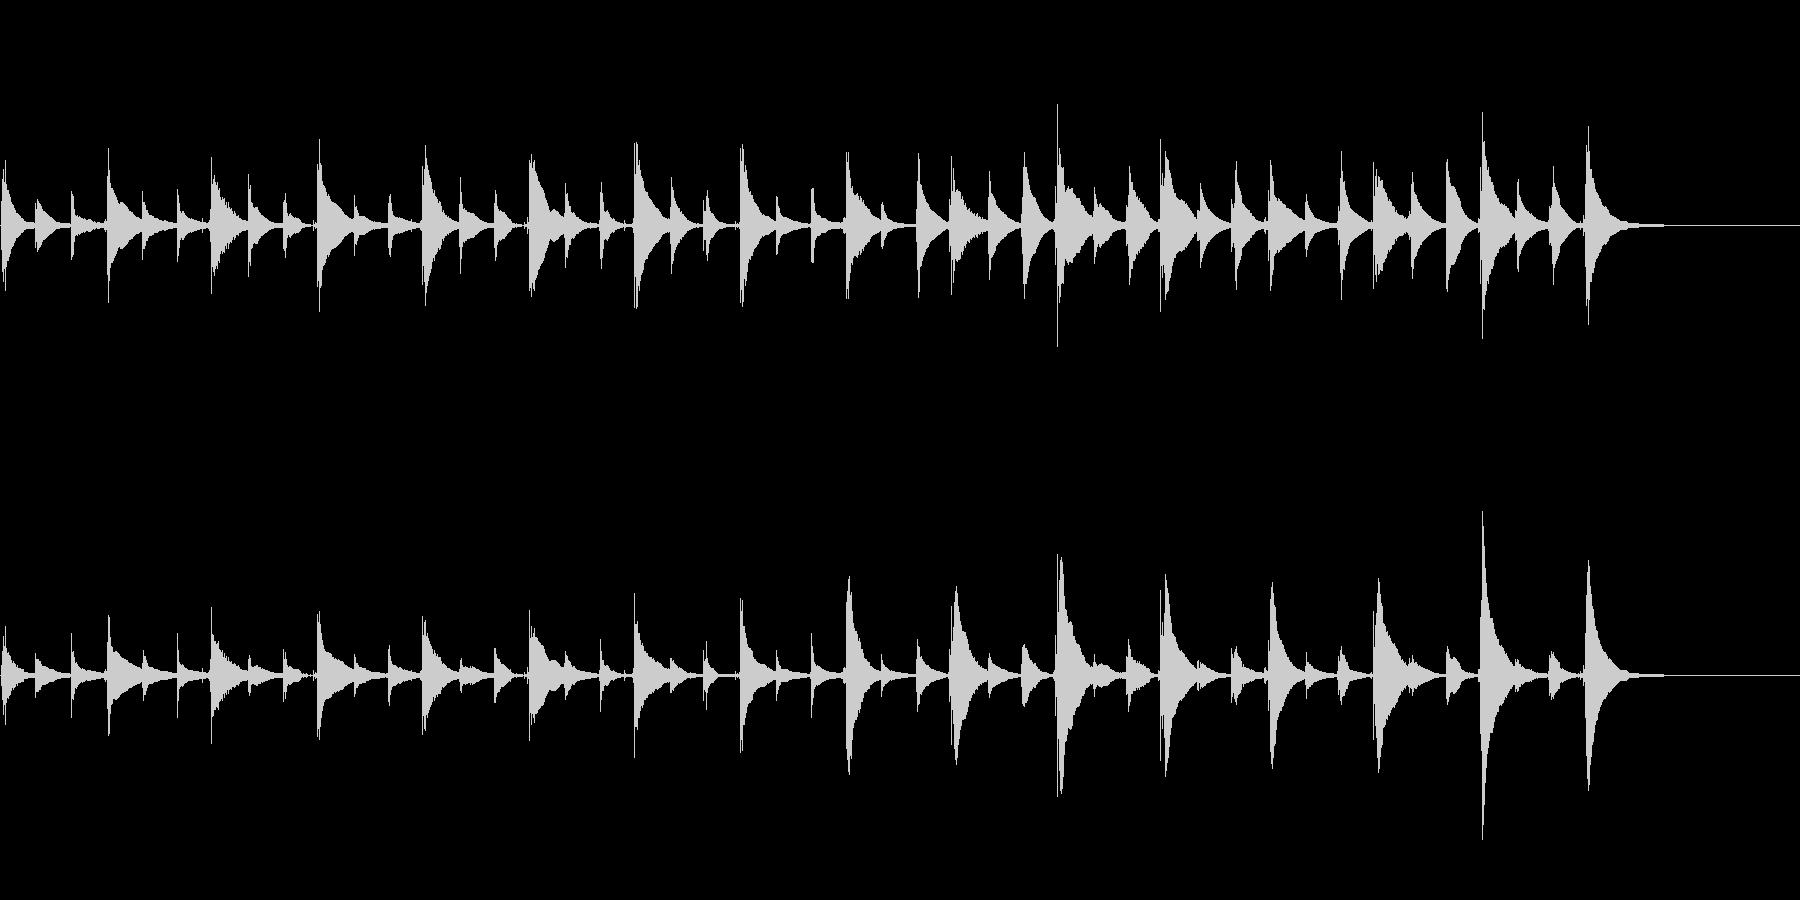 思考中、想像中、寝る前、不思議ウクレレ曲の未再生の波形